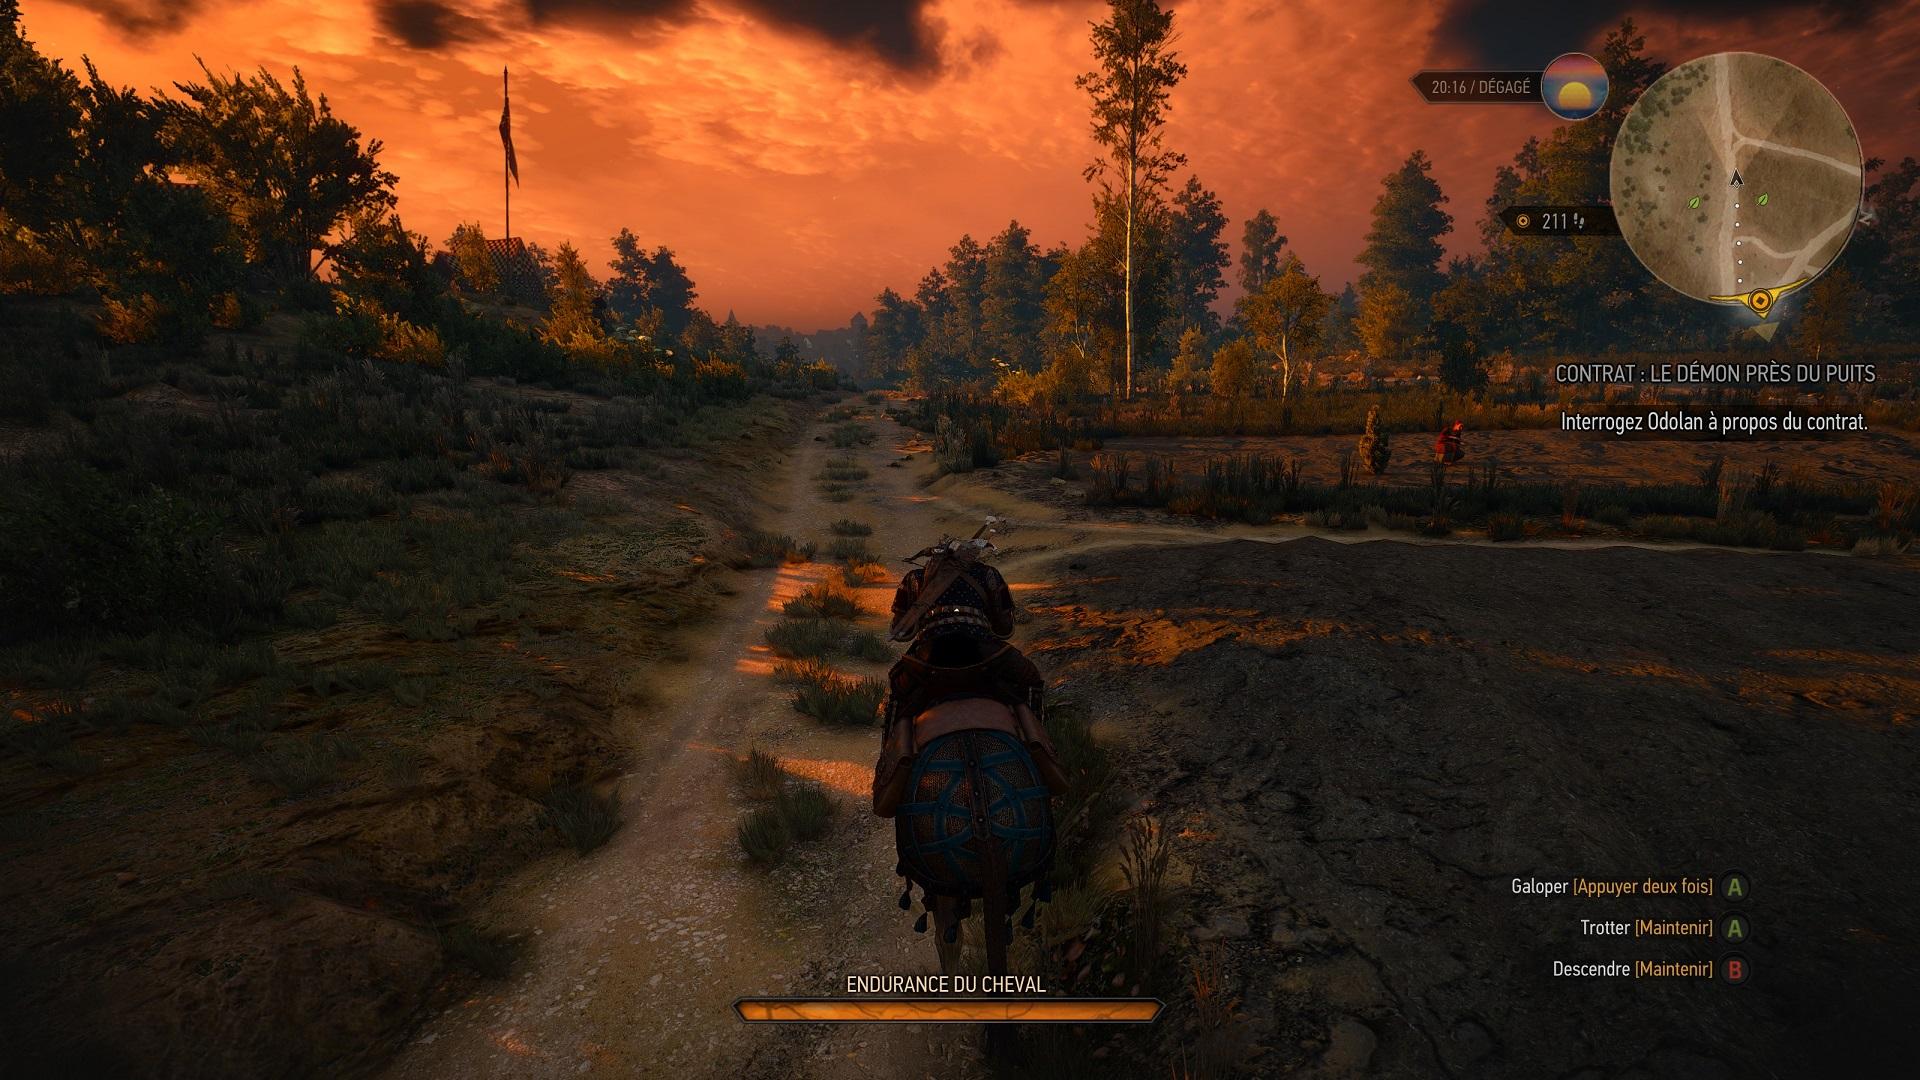 The Witcher 3 PC gratuit : si vous l'avez sur console ou PC!